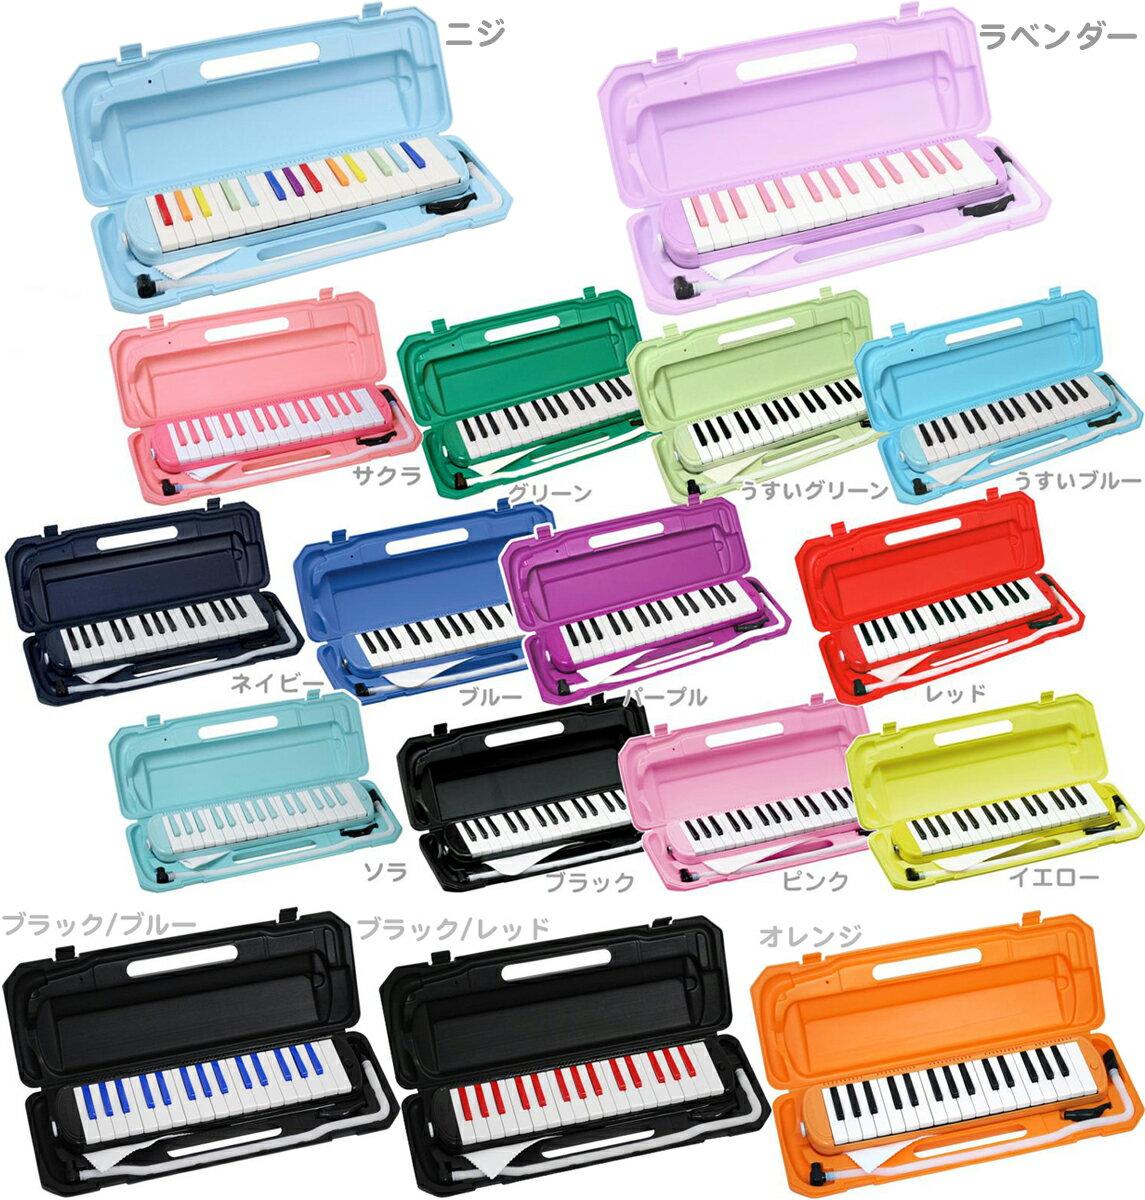 一部を除き 送料無料 鍵盤ハーモニカ カラー豊富 32鍵 立奏用唄口(吹き口) 卓奏用パイプ(ホース) 本体 ケース セット 学校 学販 レッド パープル グリーン ブラックは ヤマハ ピアニカにない色です☆定番 ピンク ブルー イエロー